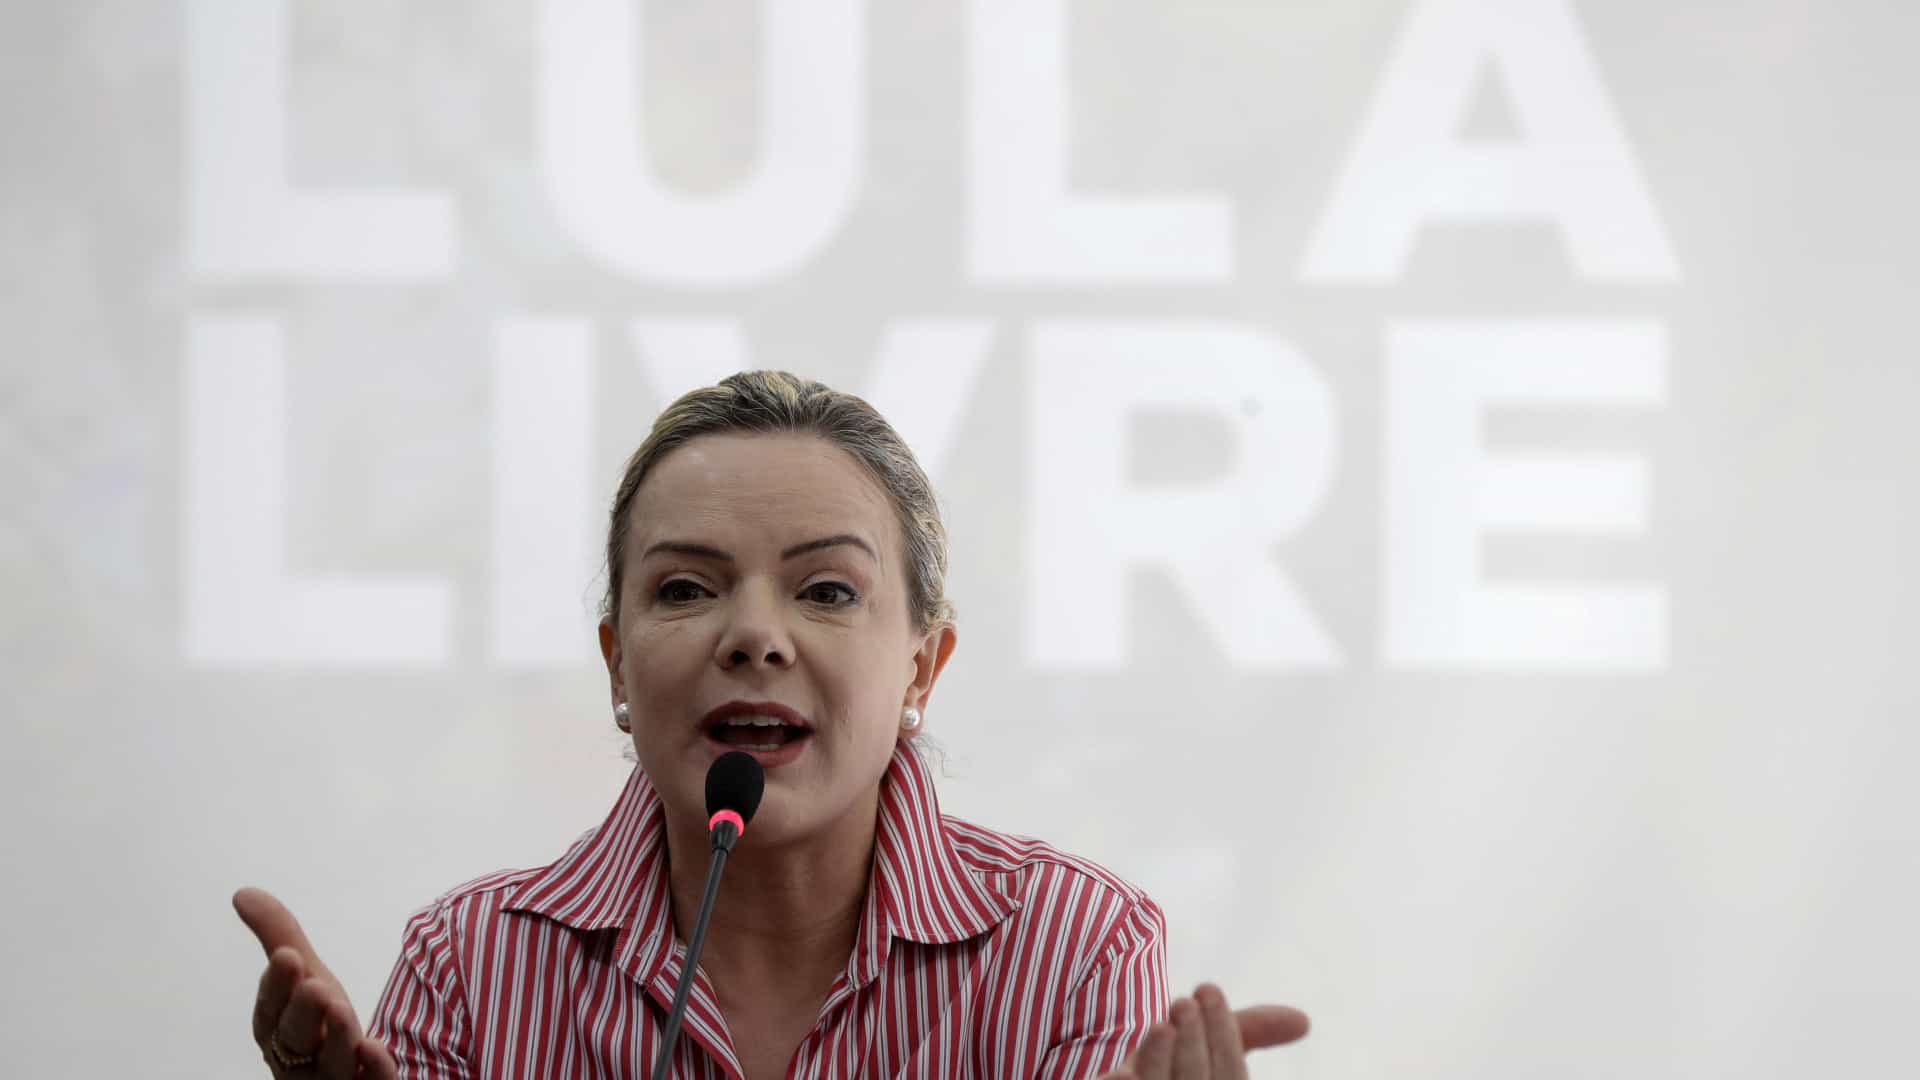 Veto à candidatura de Lula desestabiliza presidenciais brasileiras